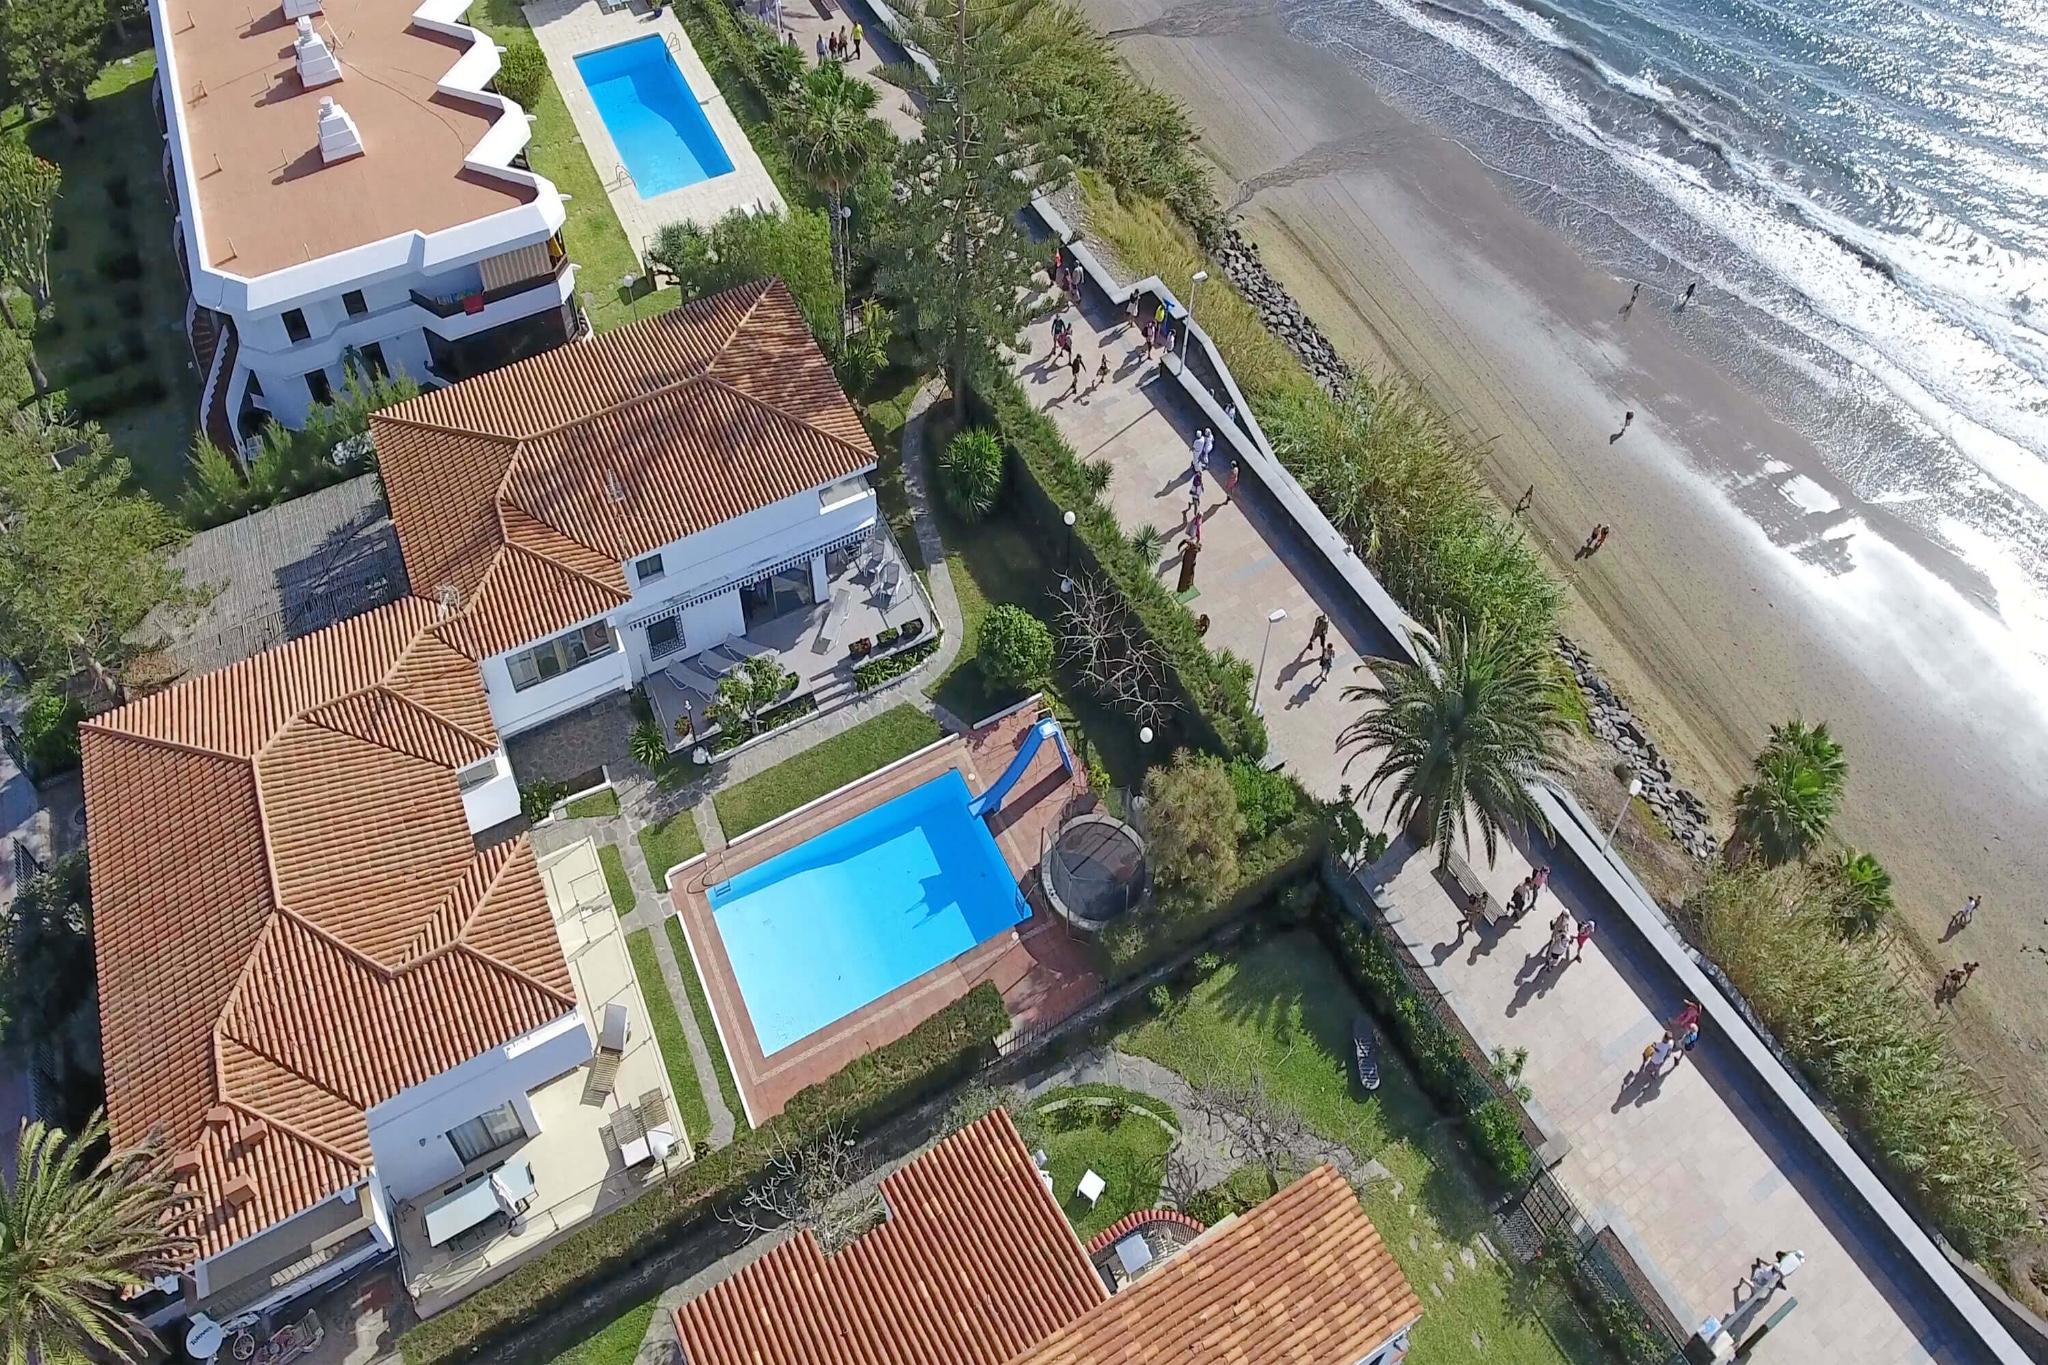 Magnificent modern villa i framför stranden med gemensam pool och direkt tillgång till strandpromenaden